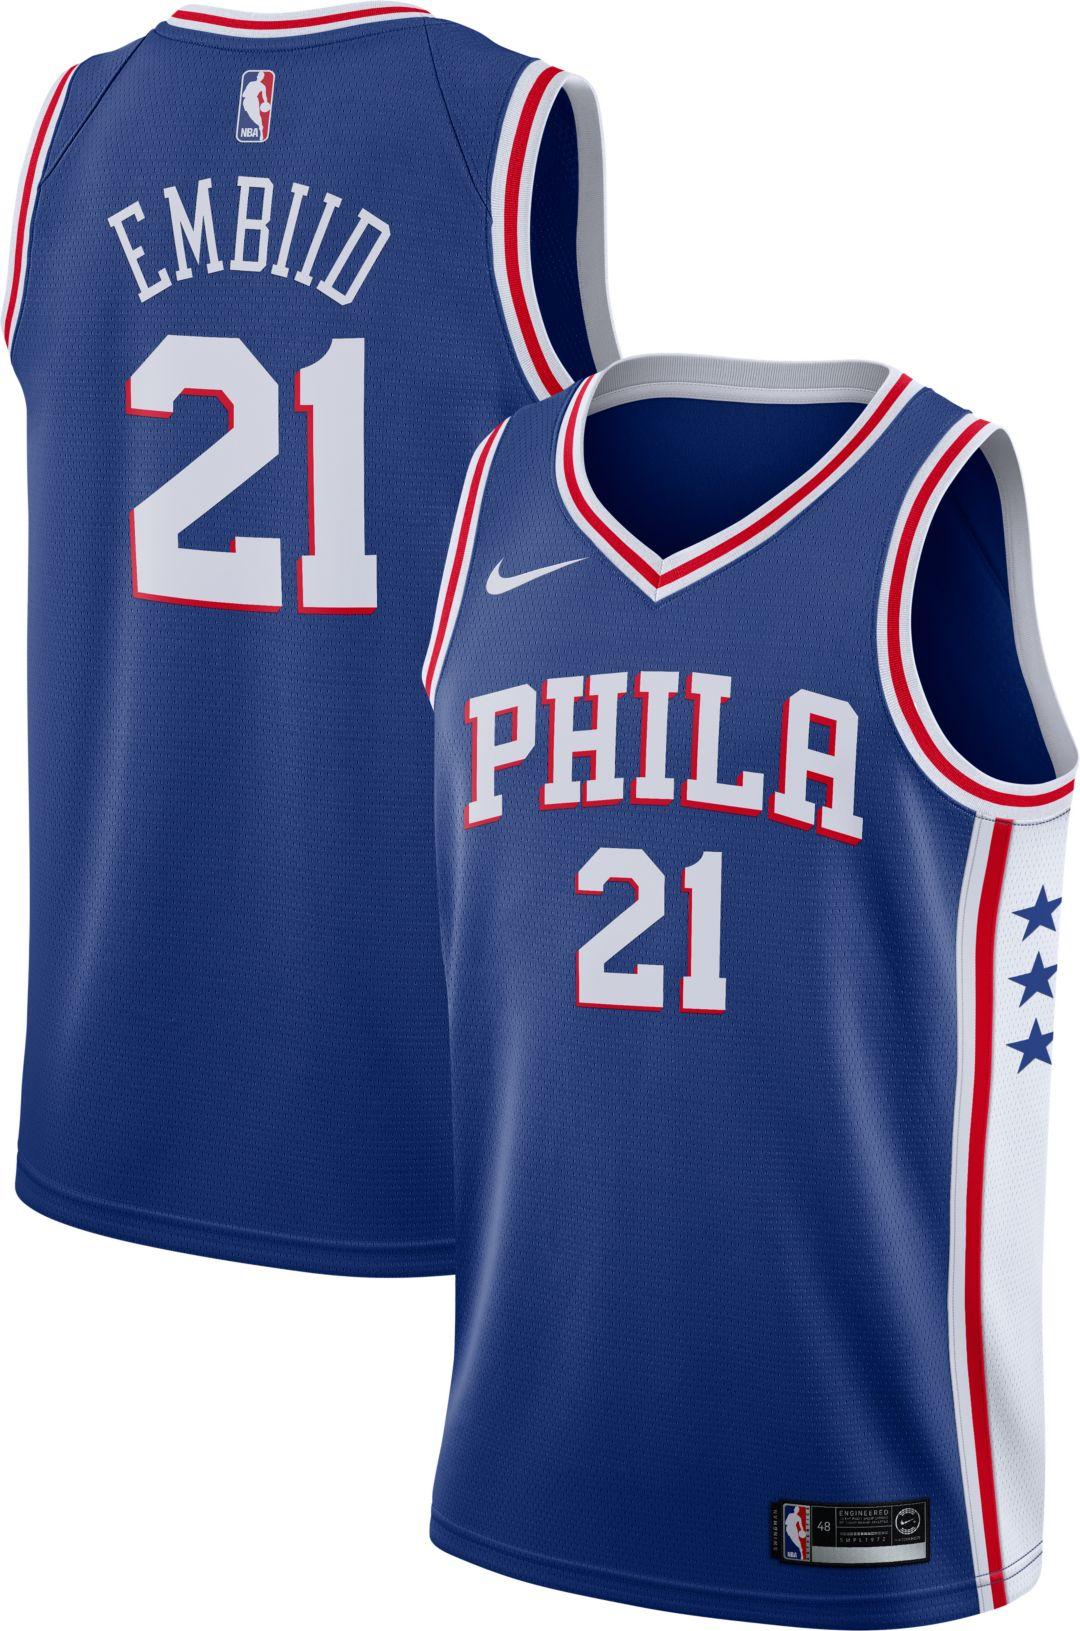 meet f4a19 c115e Nike Men's Philadelphia 76ers Joel Embiid #21 Royal Dri-FIT Swingman Jersey